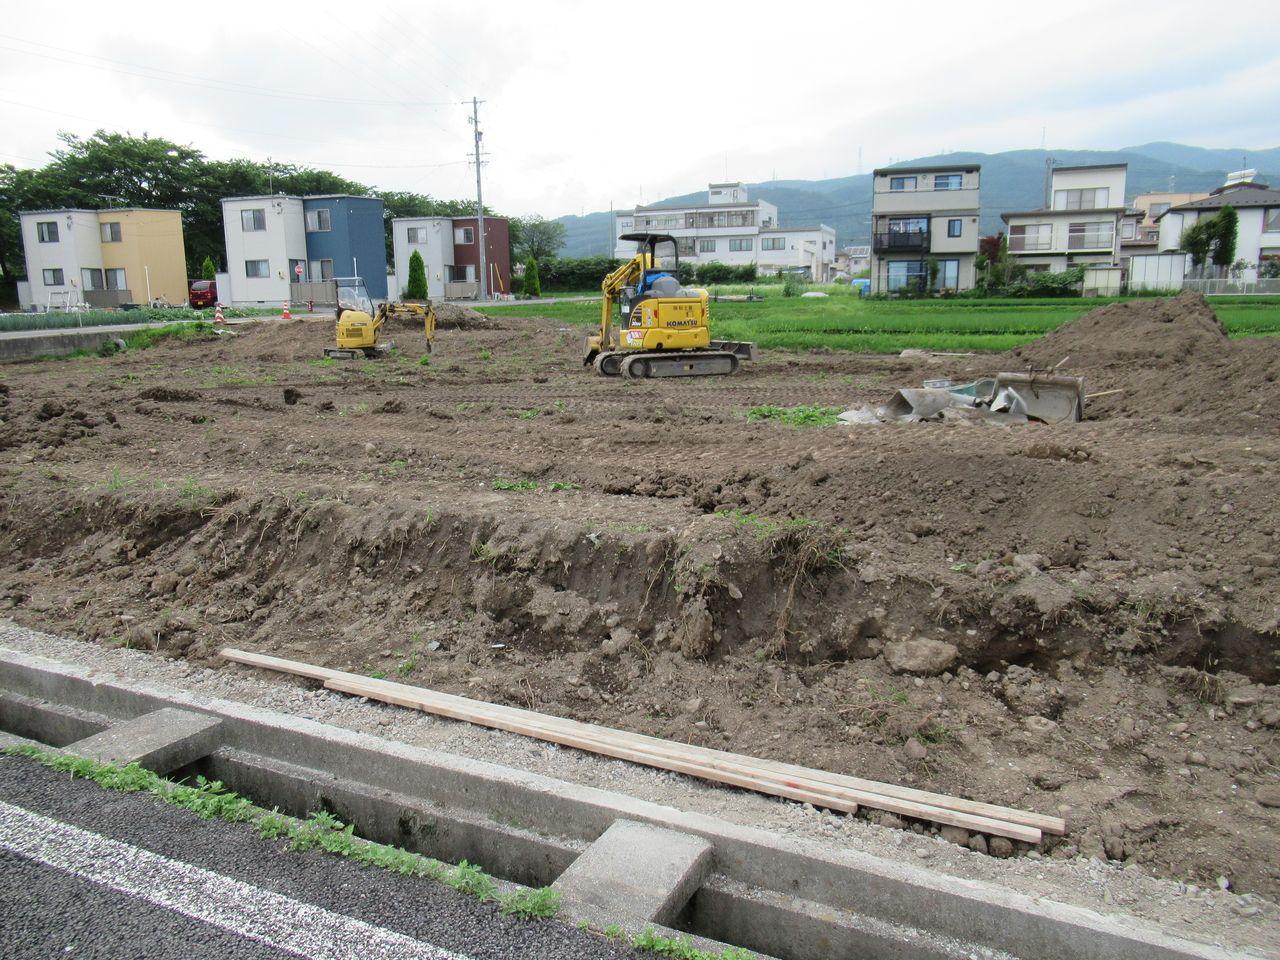 土留め構造物を壊した時に、側溝(水路)も壊したら自費で入れ替えなくてはならなかったのです。職人さんの丁寧な仕事と運の良さに感謝!感謝!